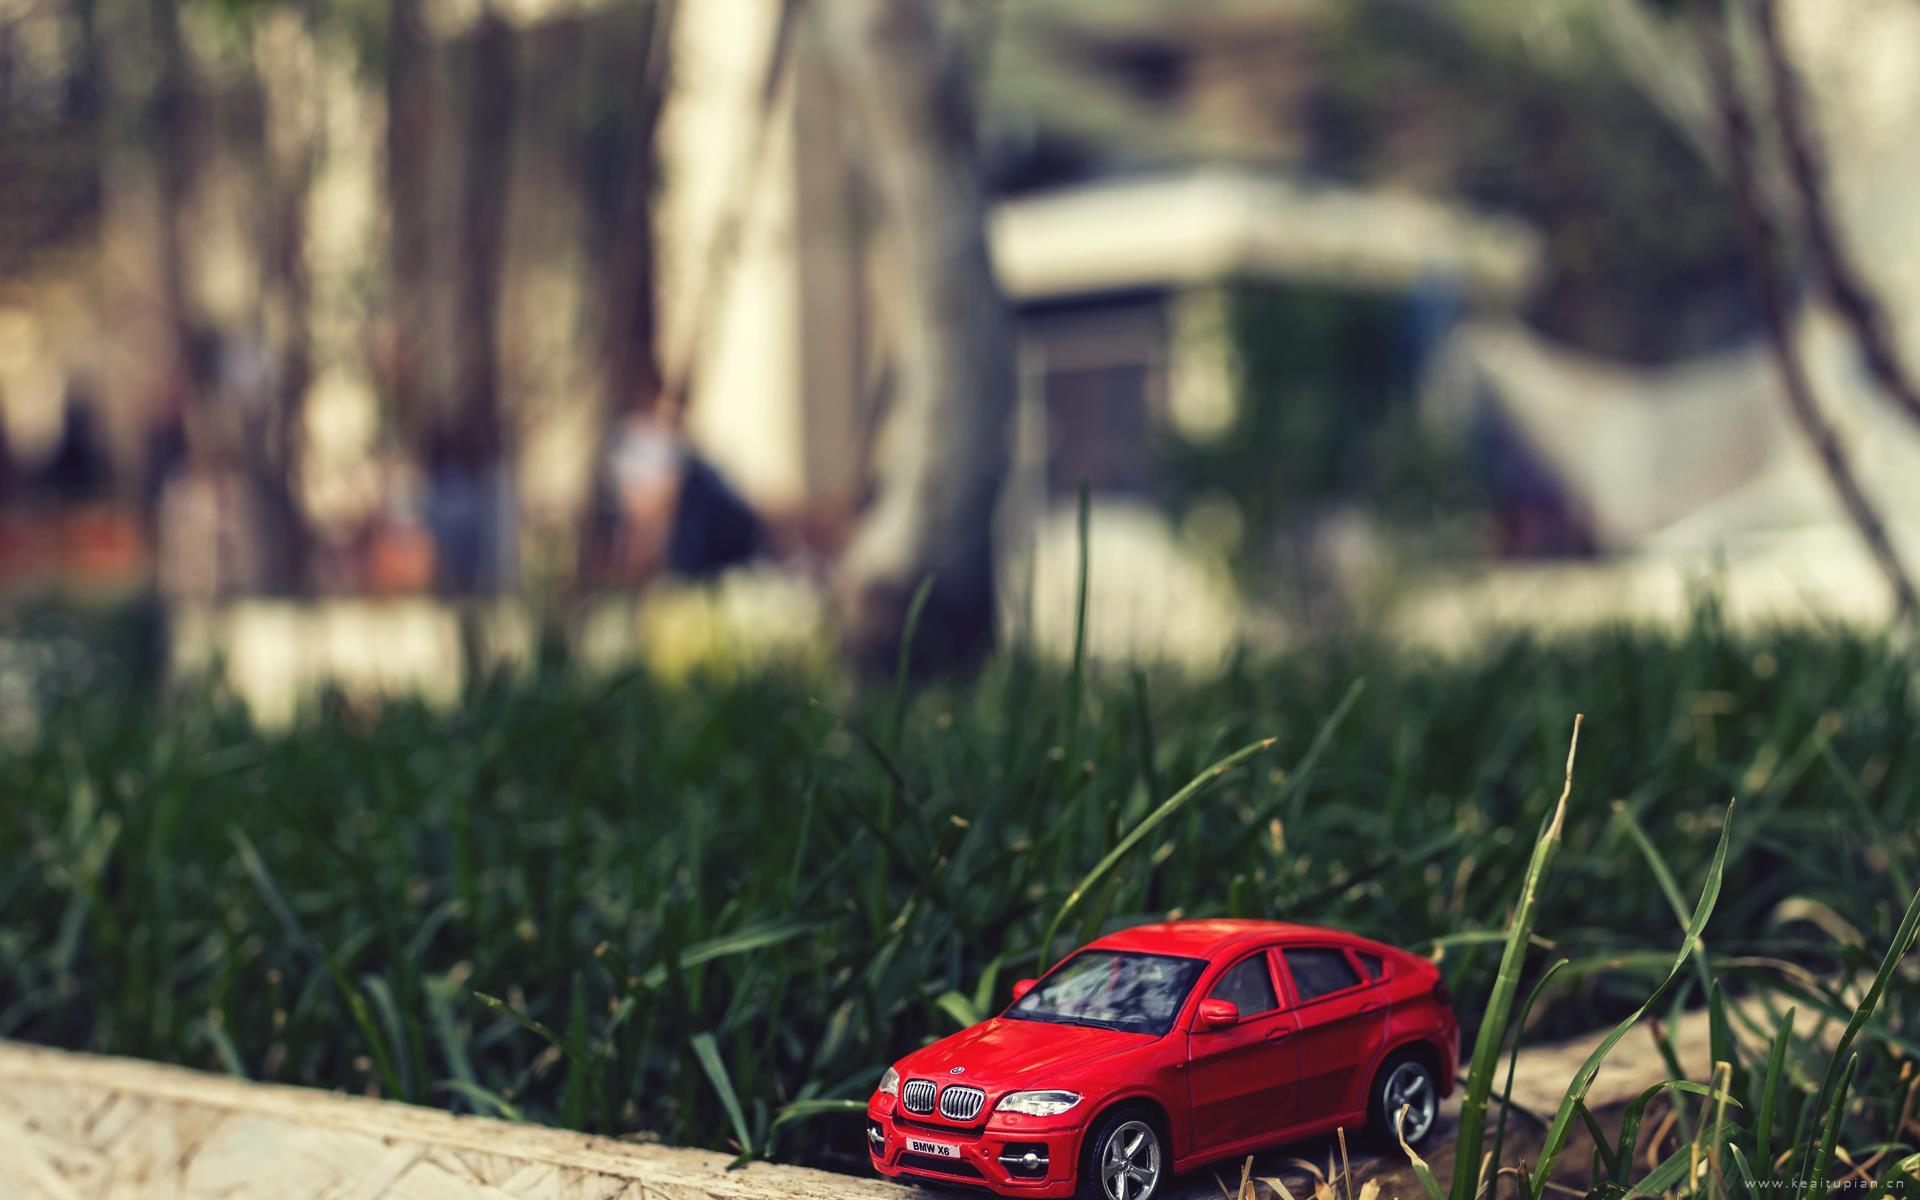 小汽车模型可爱玩具图片桌面壁纸